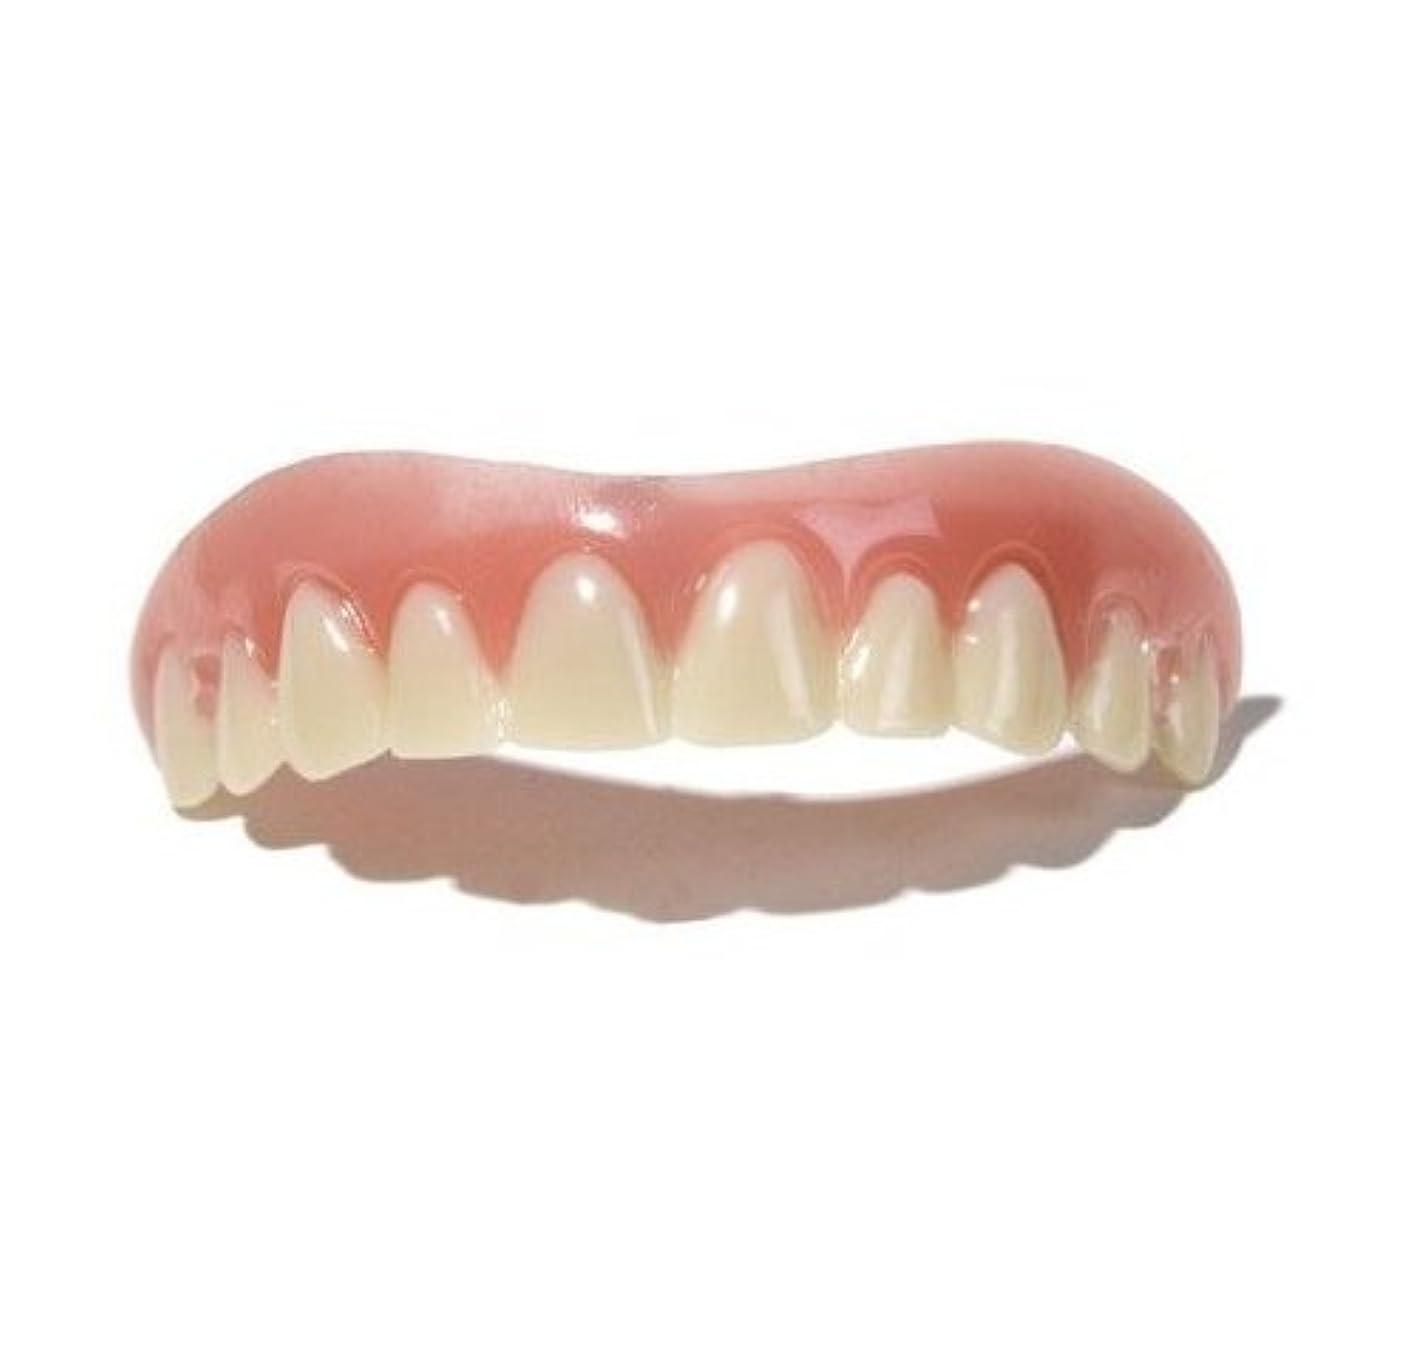 スーパーマーケット言い訳軌道インスタント 美容 つけ歯 上歯(free size (Medium)) [並行輸入品]